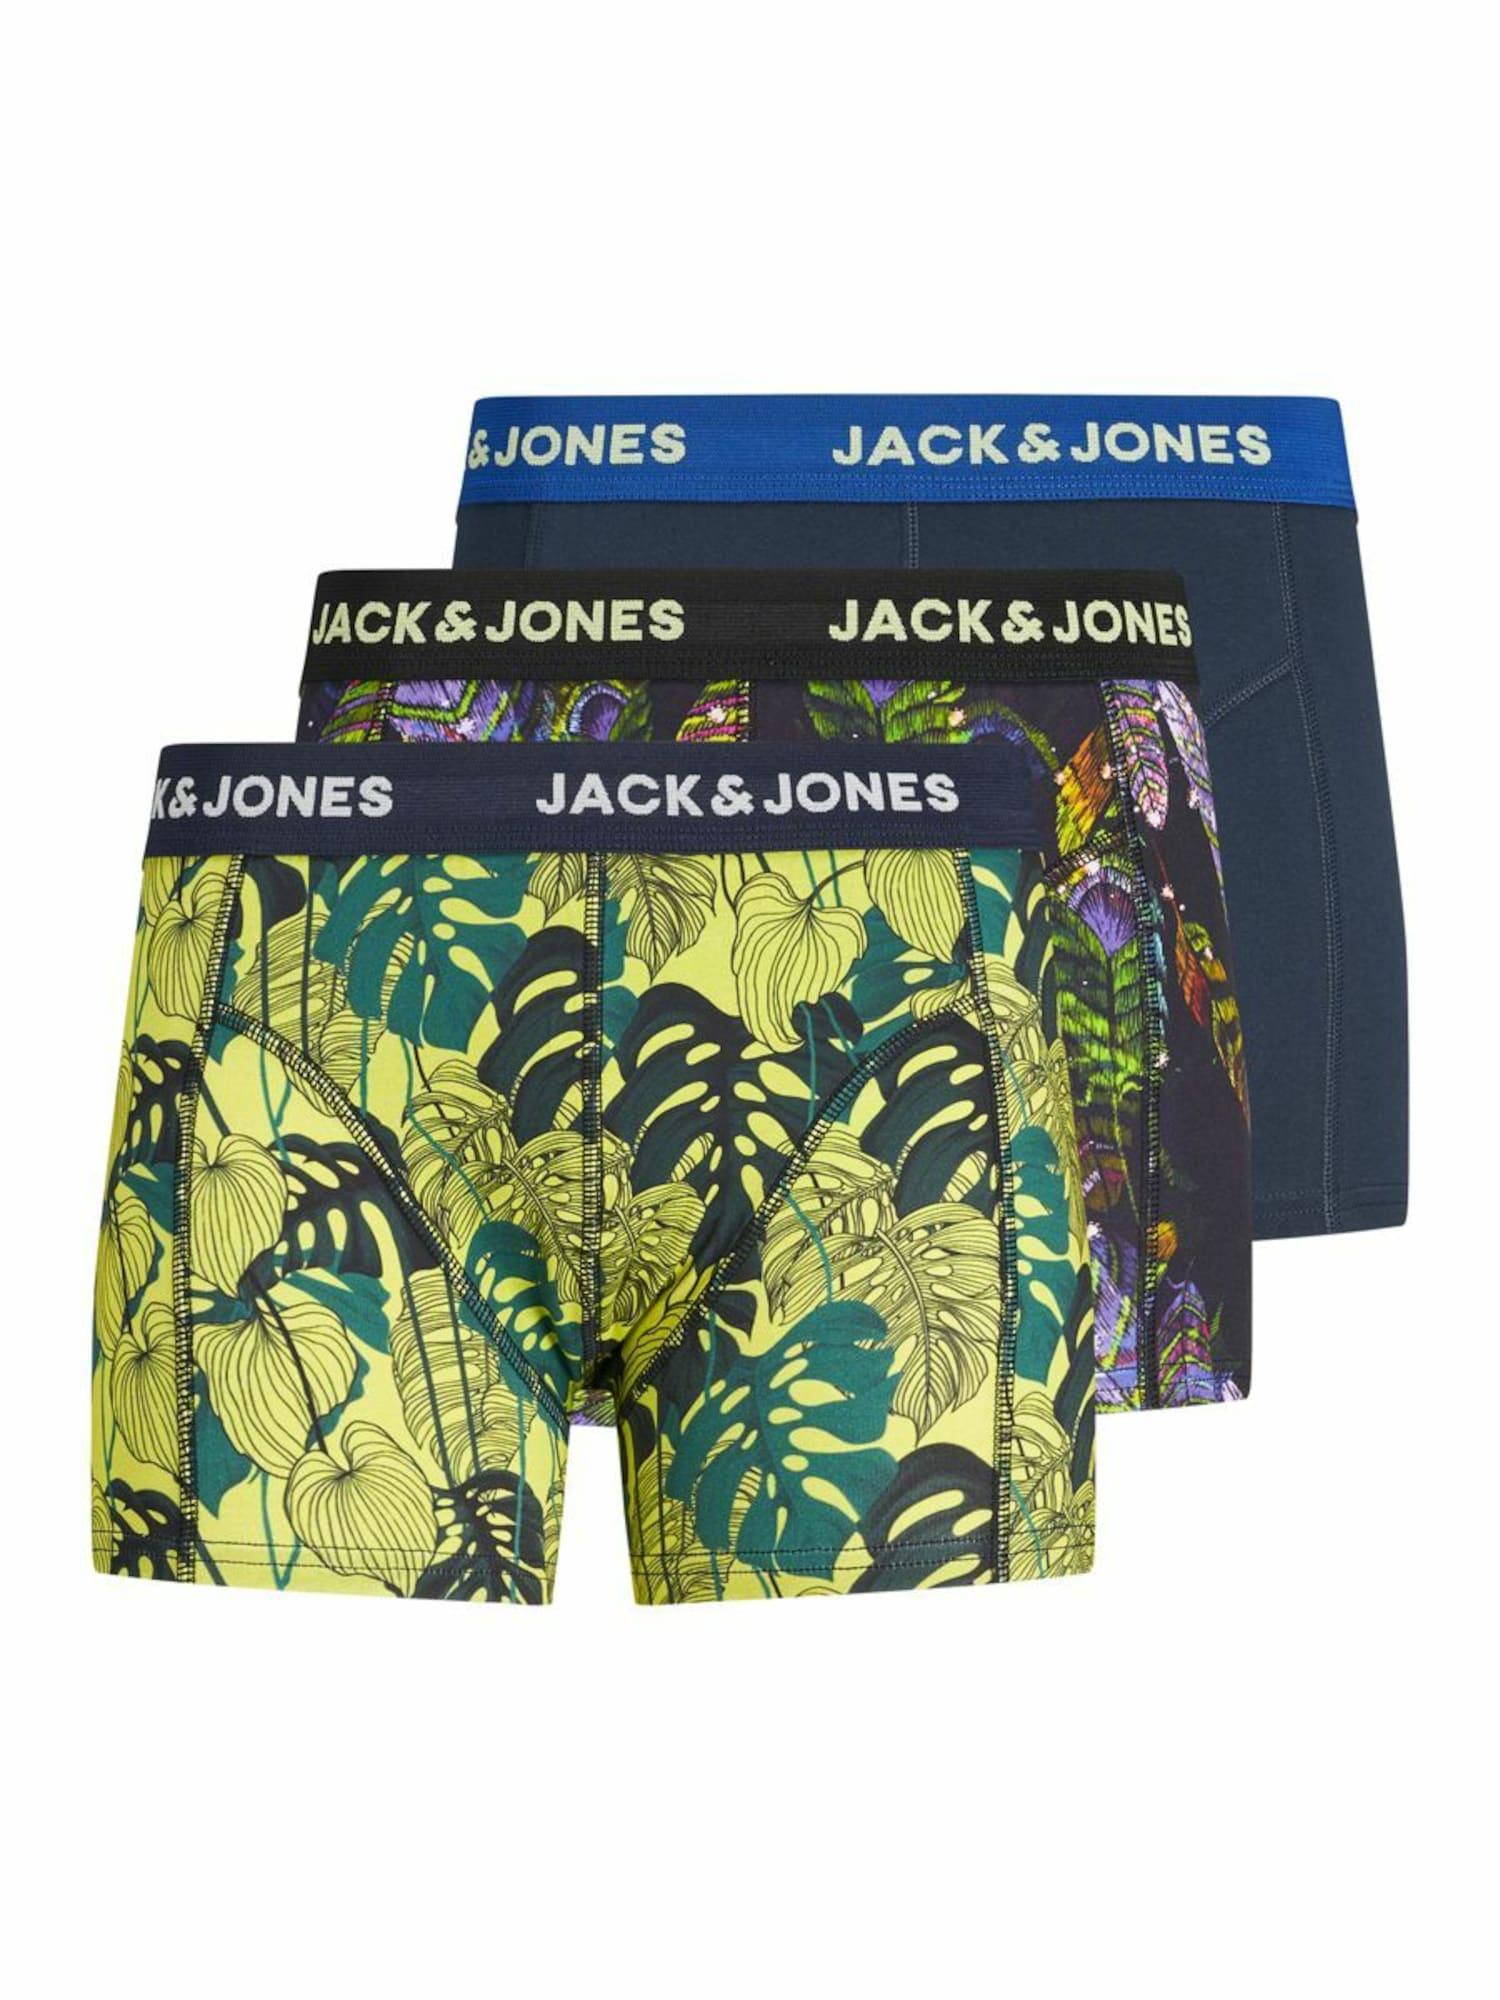 JACK & JONES Boxer trumpikės geltona / juoda / gencijono spalva